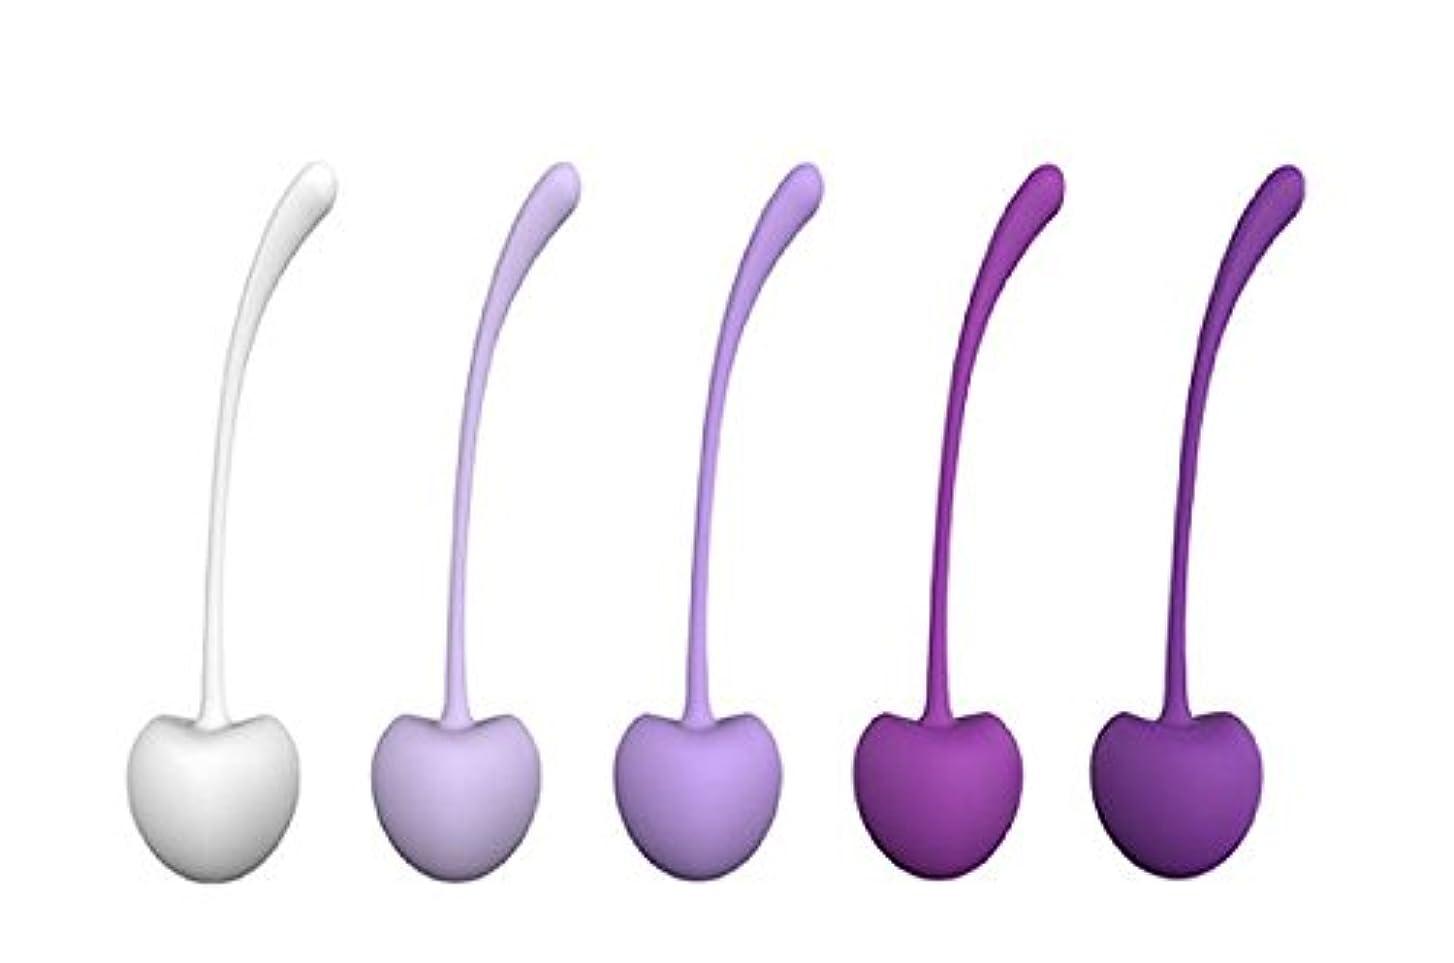 ボーナスクレタ傾いた膣トレグッズ, 恥骨尾骨筋鍛え インナーボール, 女性と産後の母親 専用のケーゲルボール ダンベル 女性のための大人の玩具初心者 (5個)